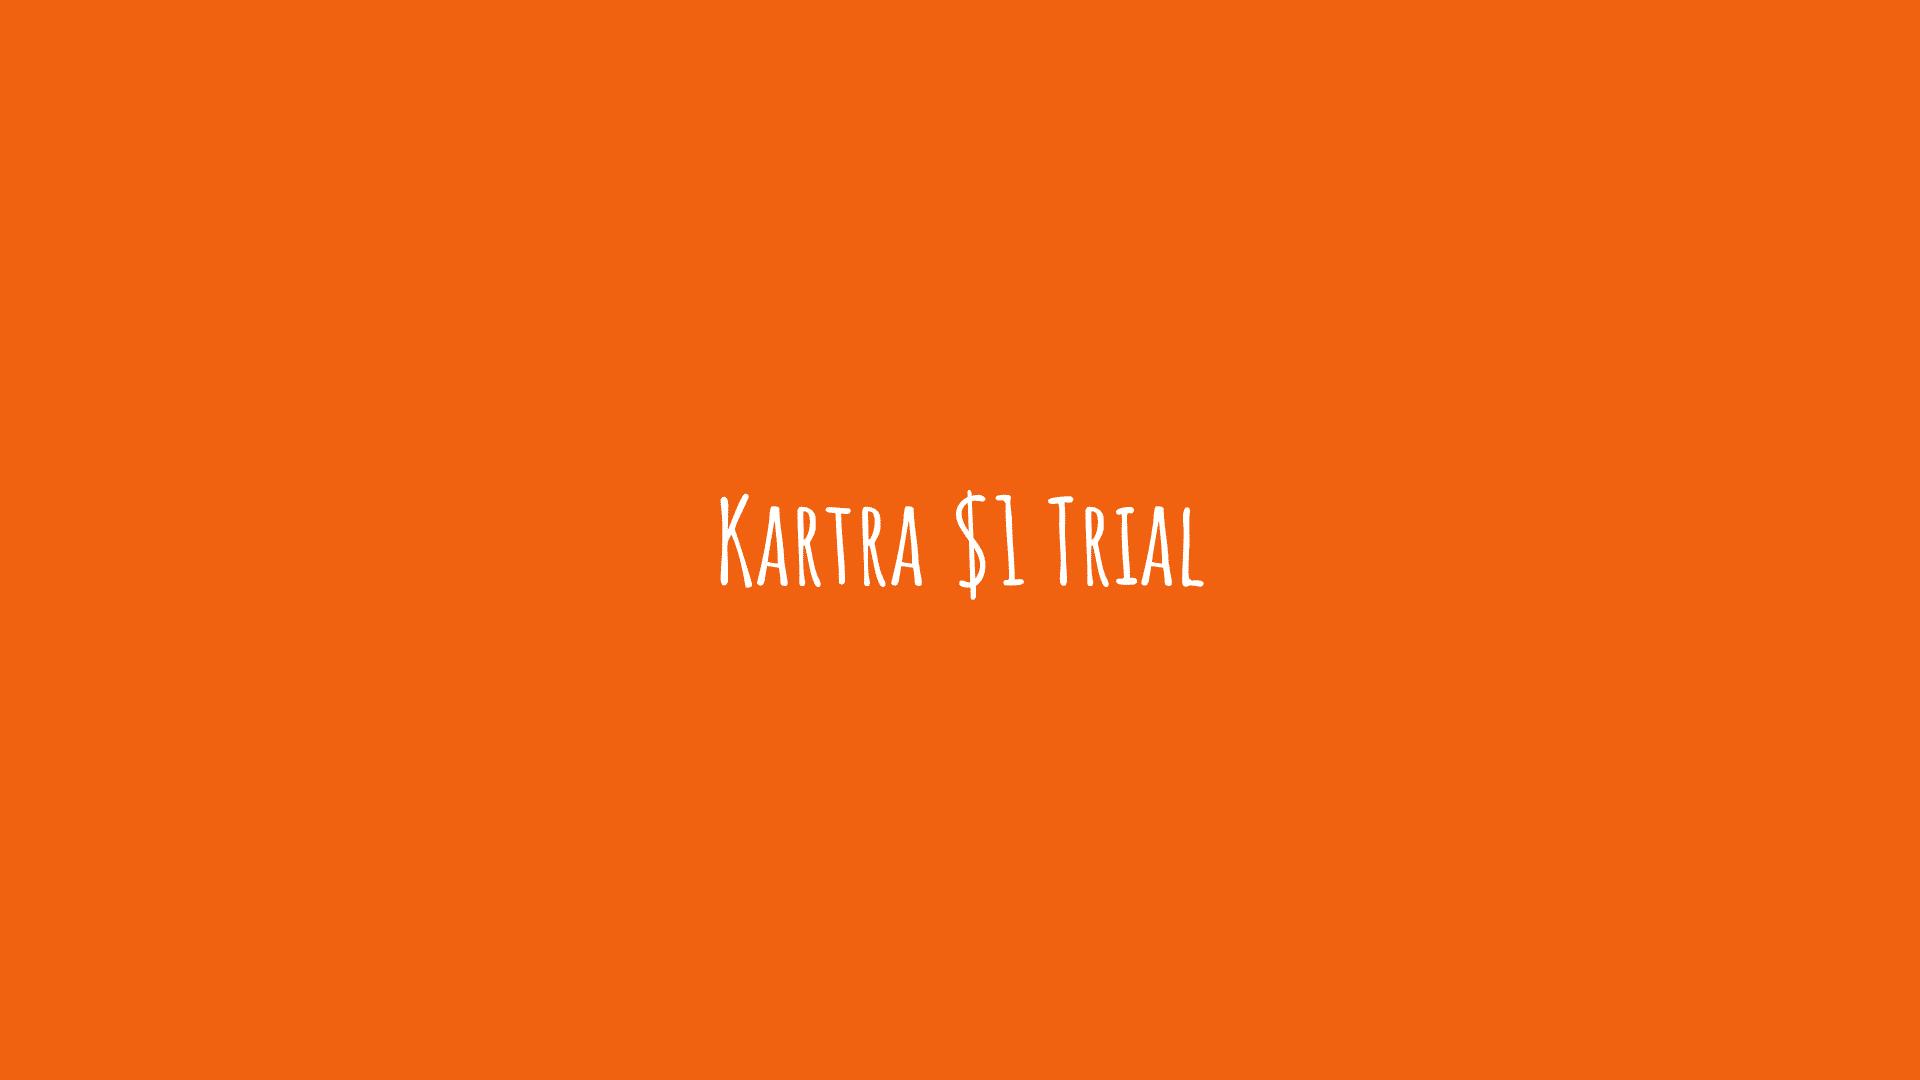 Kartra $1 Trial